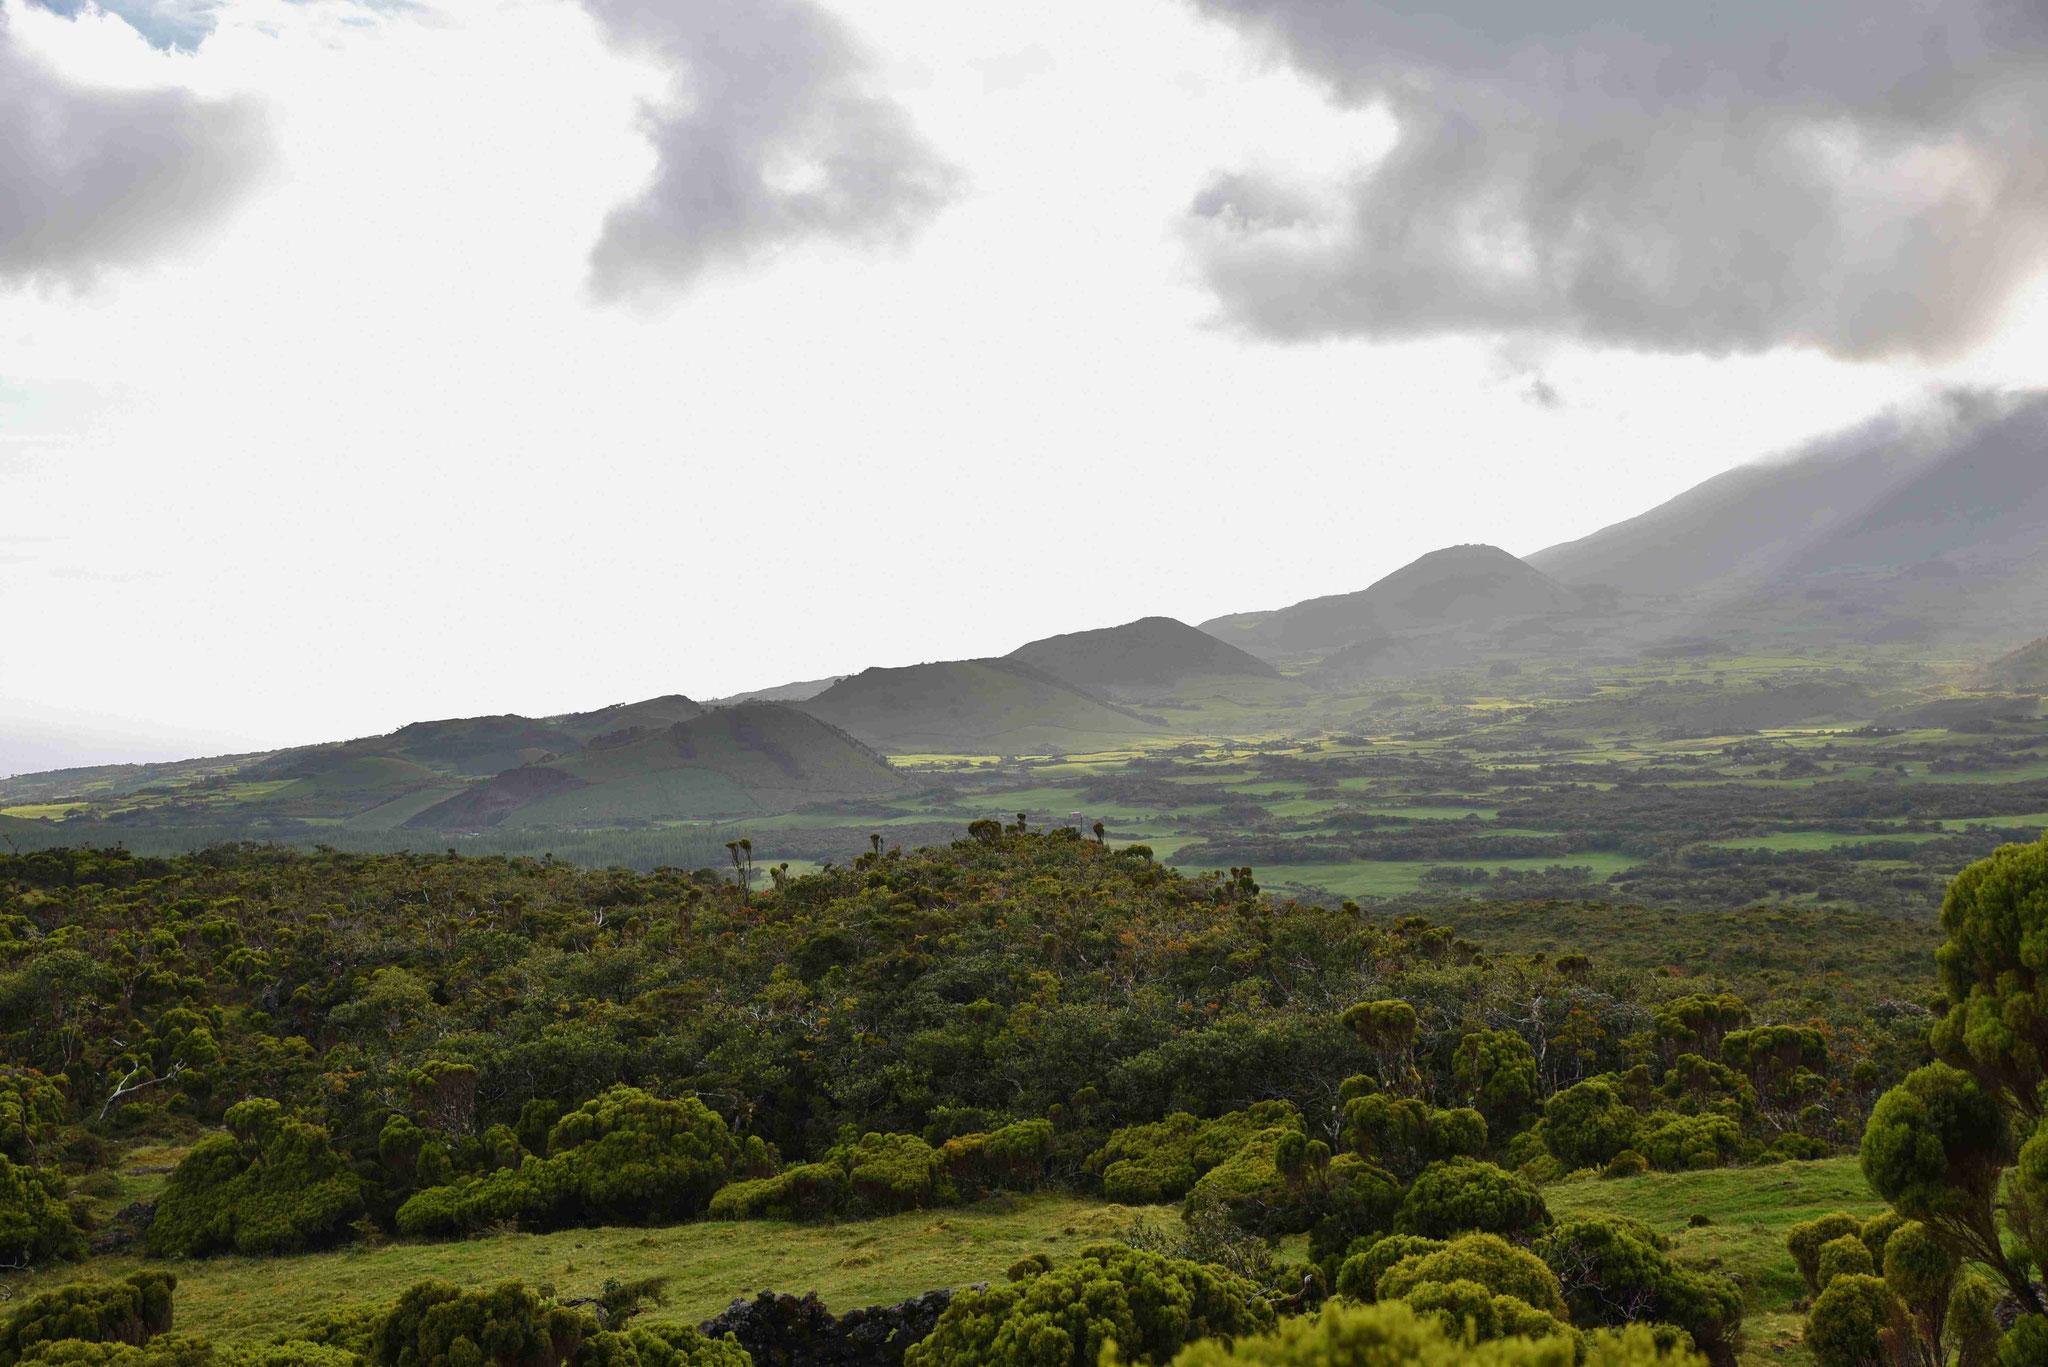 Vulkanhügel im Landesinneren